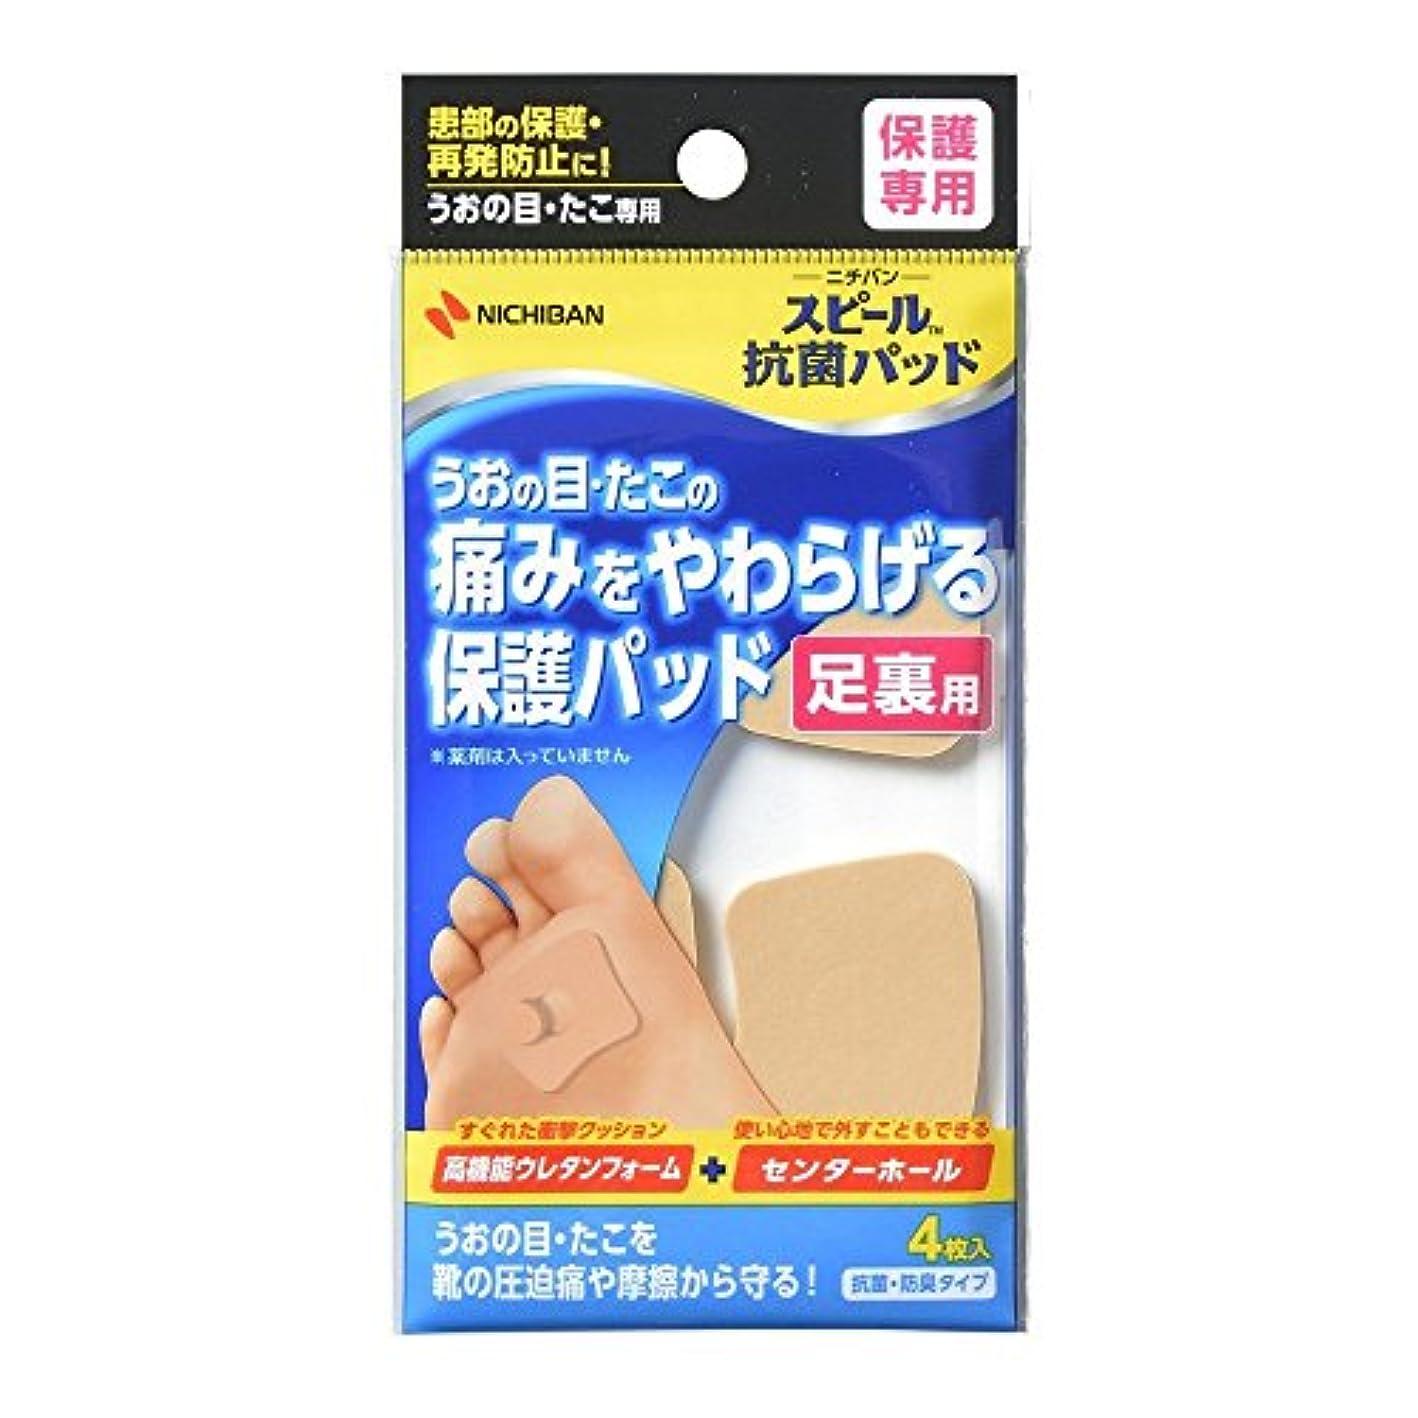 吐く縁石首【ニチバン】スピール抗菌パッド 足裏用 SPPAU 4枚 ×3個セット